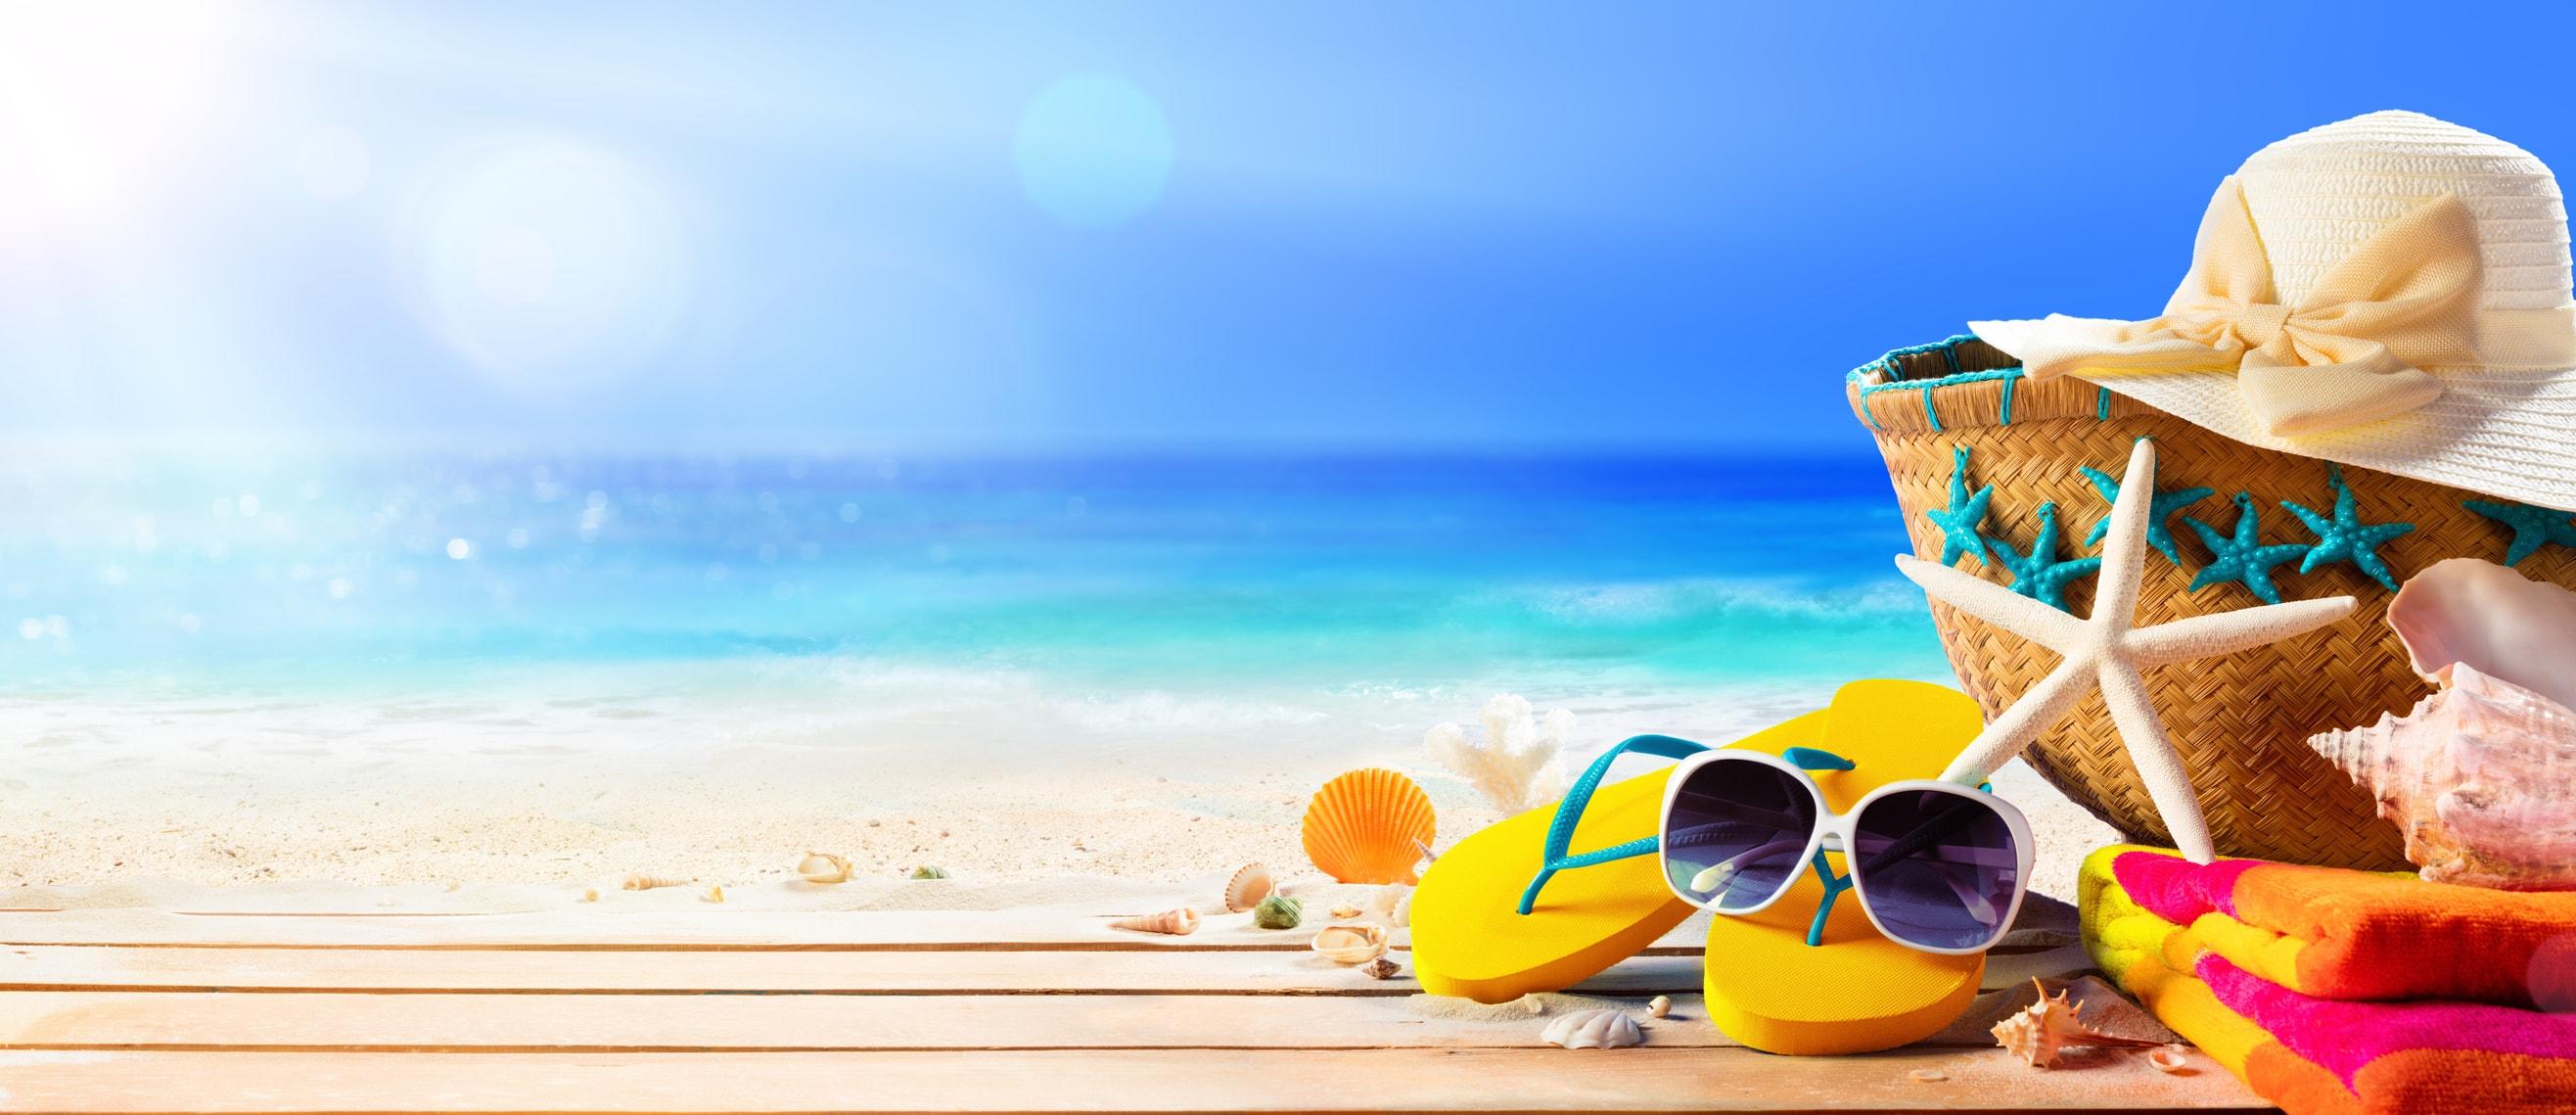 Meer- und Salzwasser haben Einfluss auf trockene Haut.